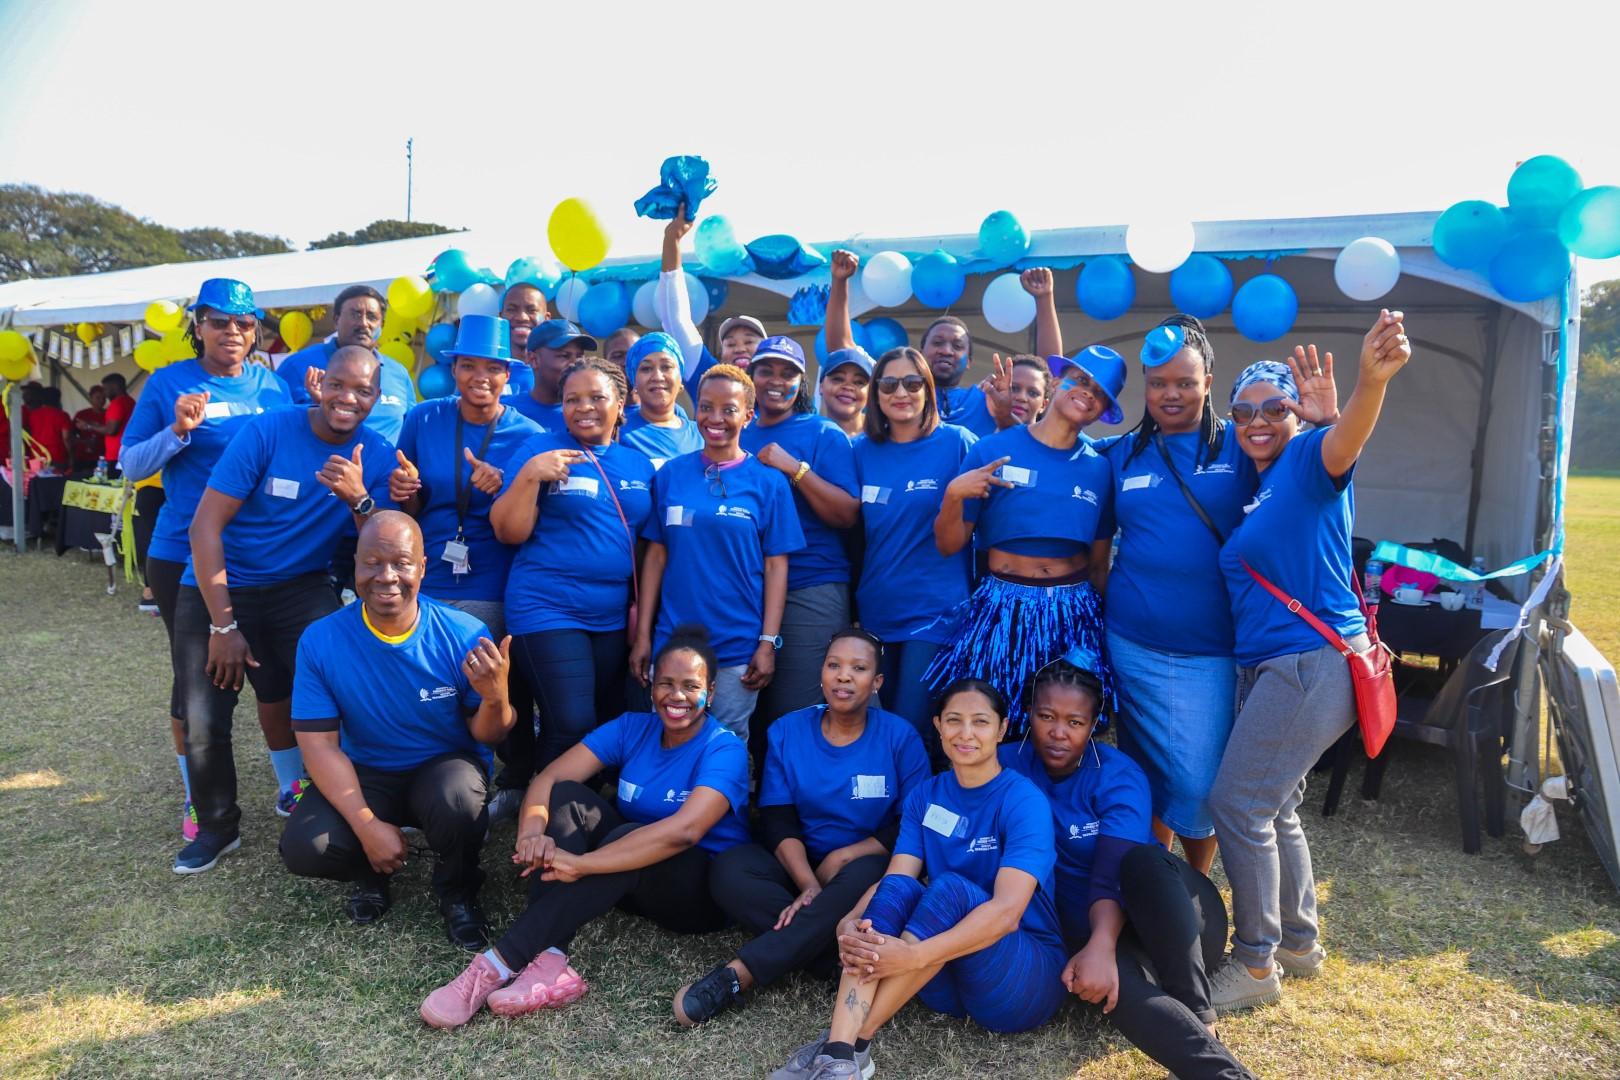 Blue Fire Team